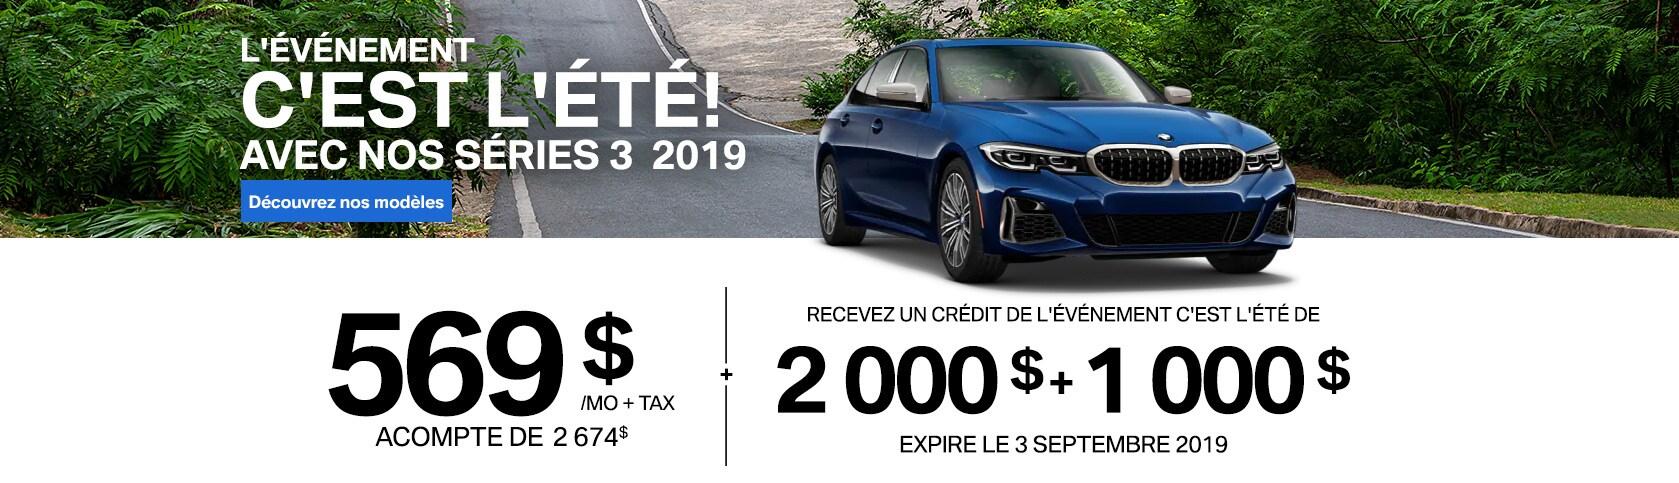 Concessionnaire Bmw Vehicules Bmw 2017 2018 Et Certifie A Laval